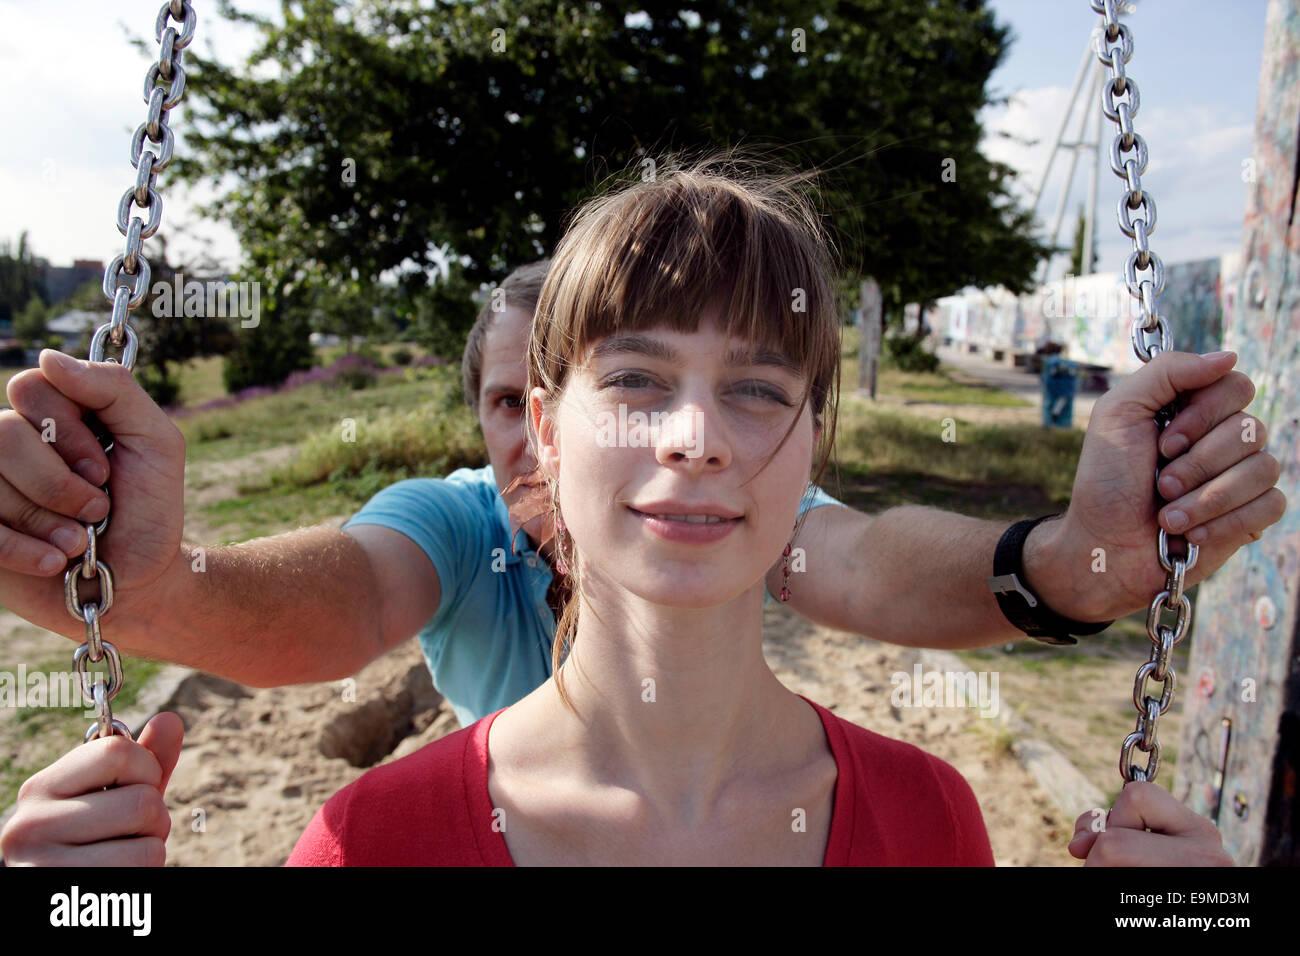 Uomo Donna di spinta sul parco giochi swing Immagini Stock